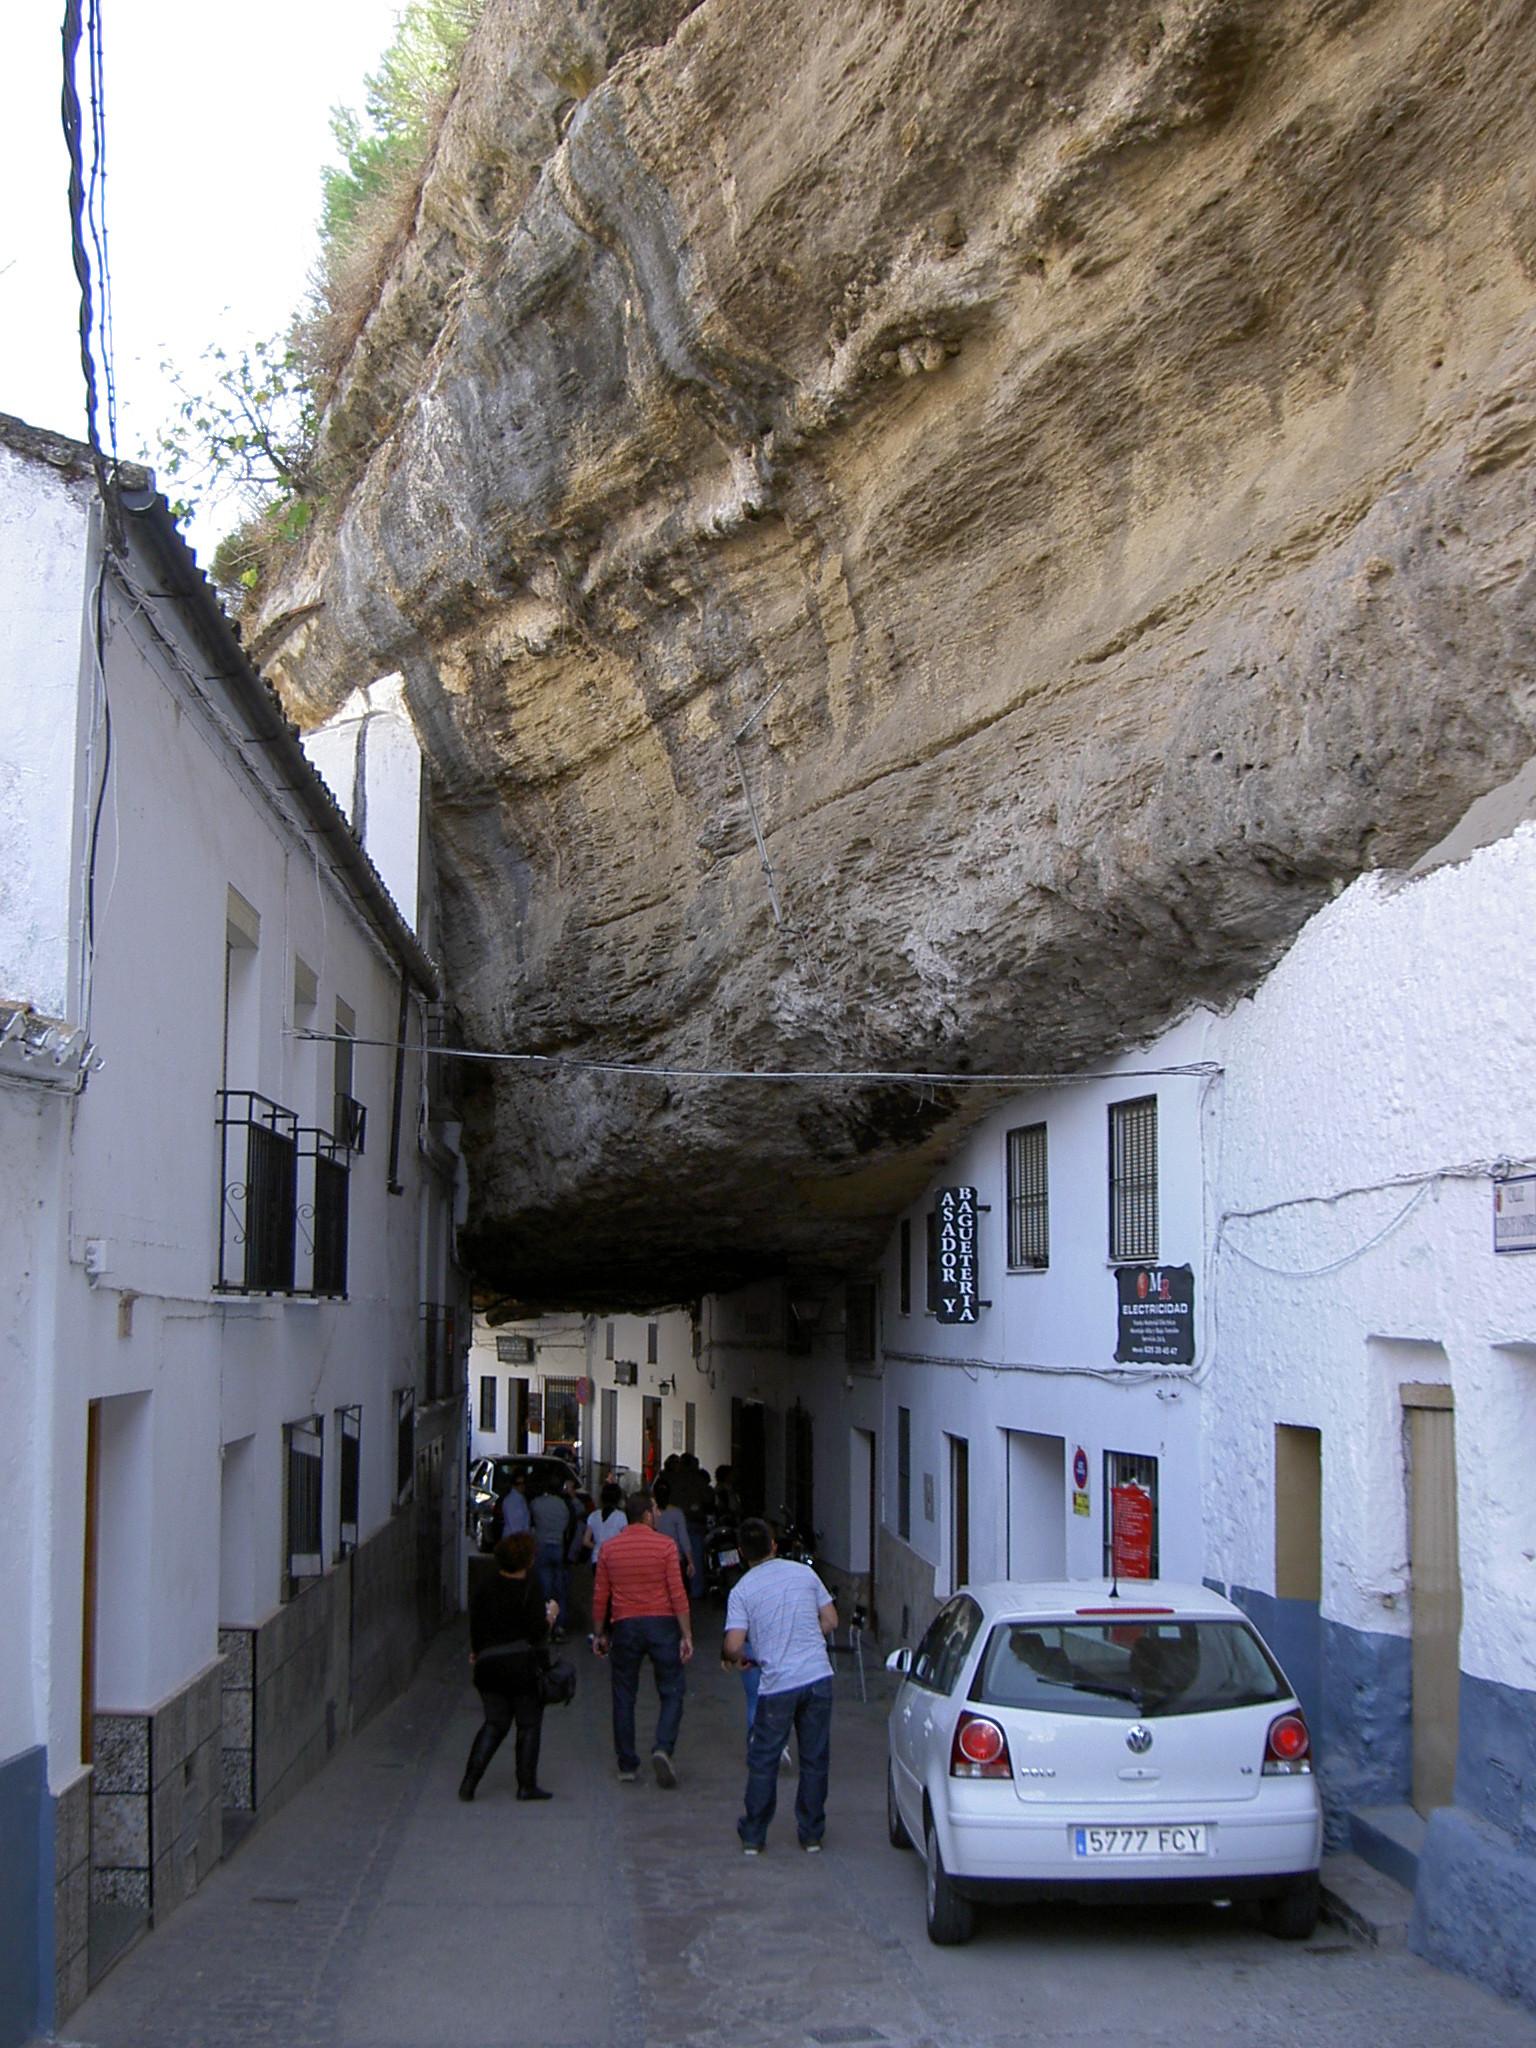 6. Setenil de las Bodegas - Living Under a Rock: Setenil de las Bodegas, Cádiz